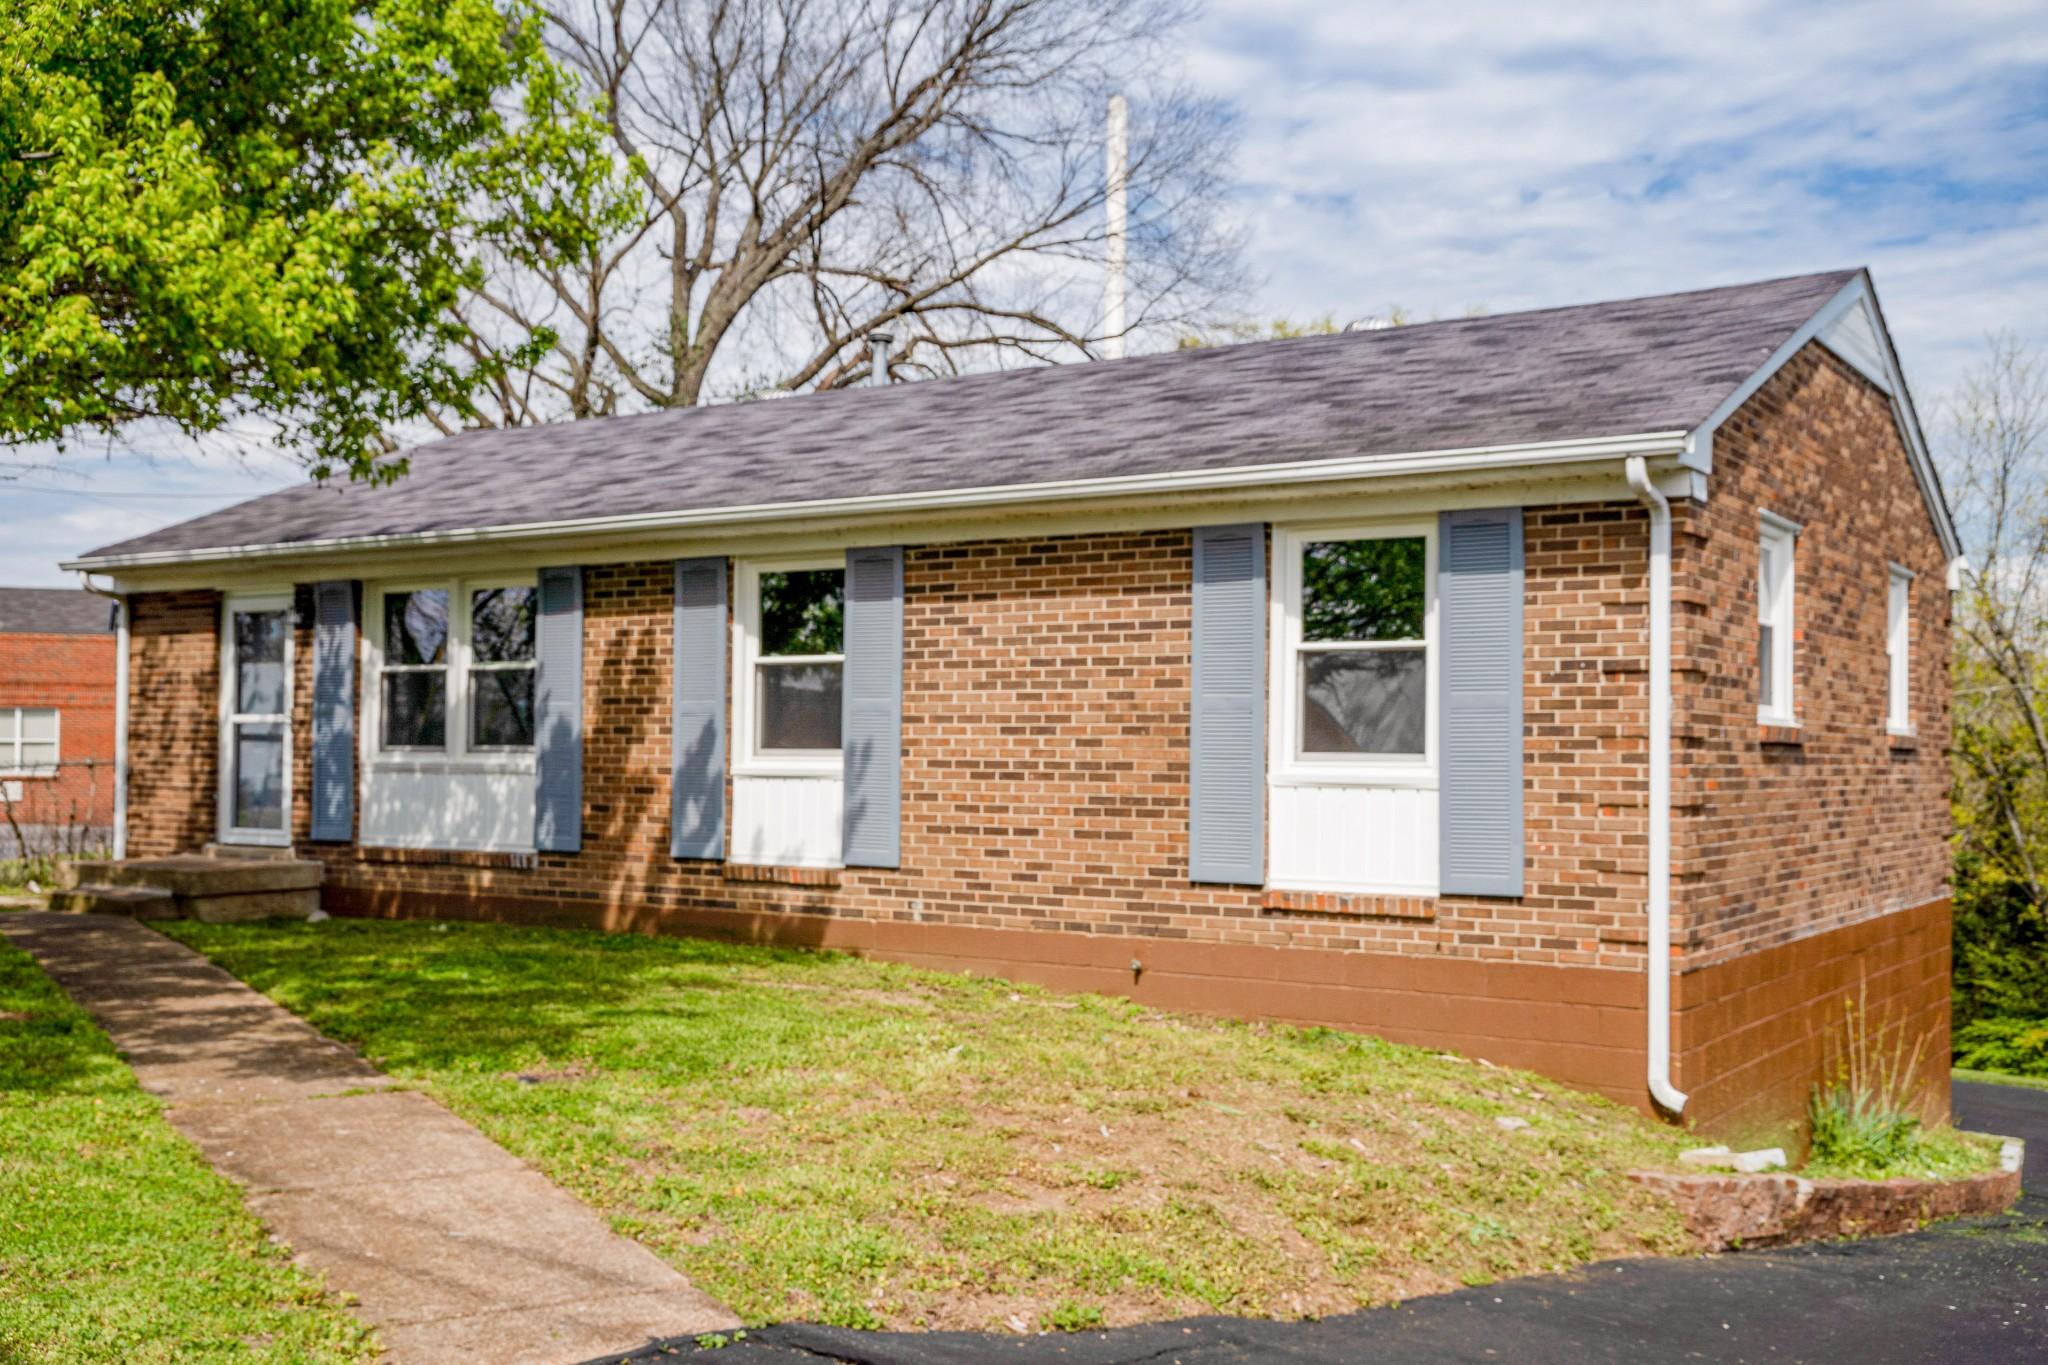 4830 Aster Dr, Nashville, TN 37211 - Nashville, TN real estate listing